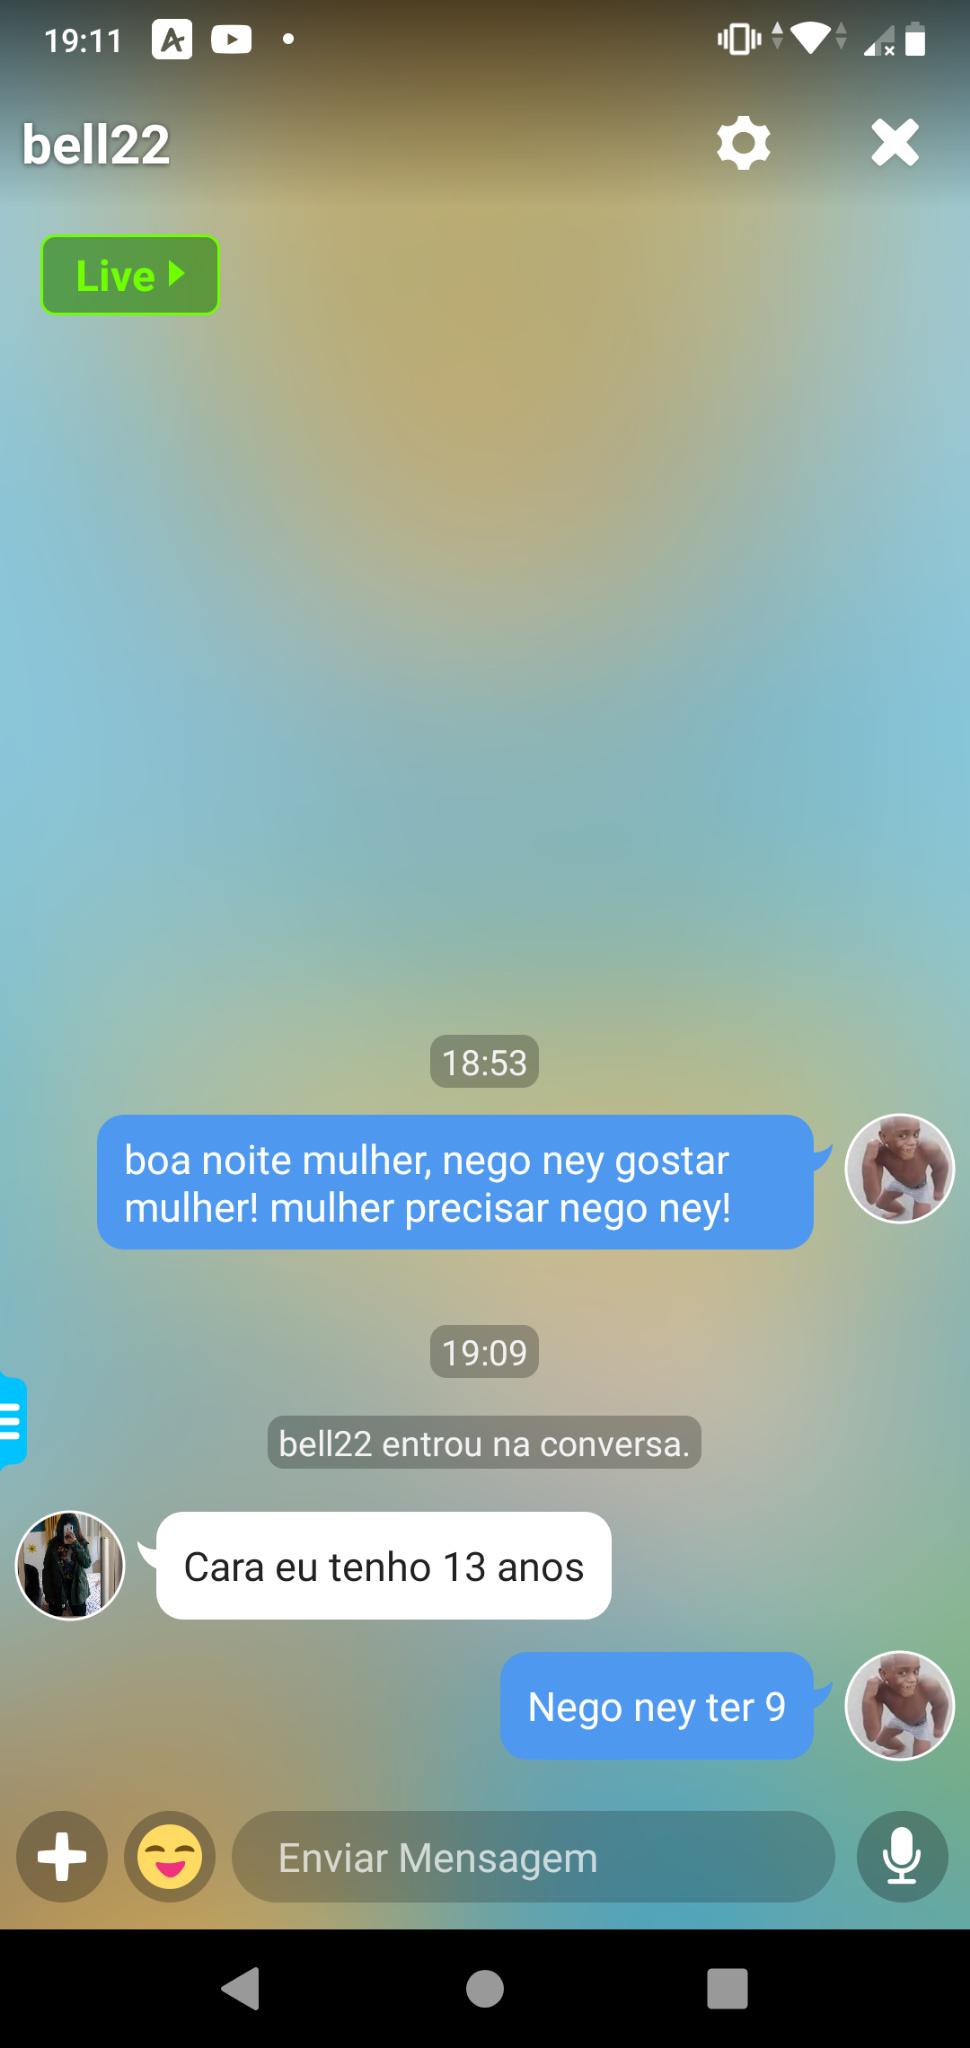 Nego ney e suas ma - meme